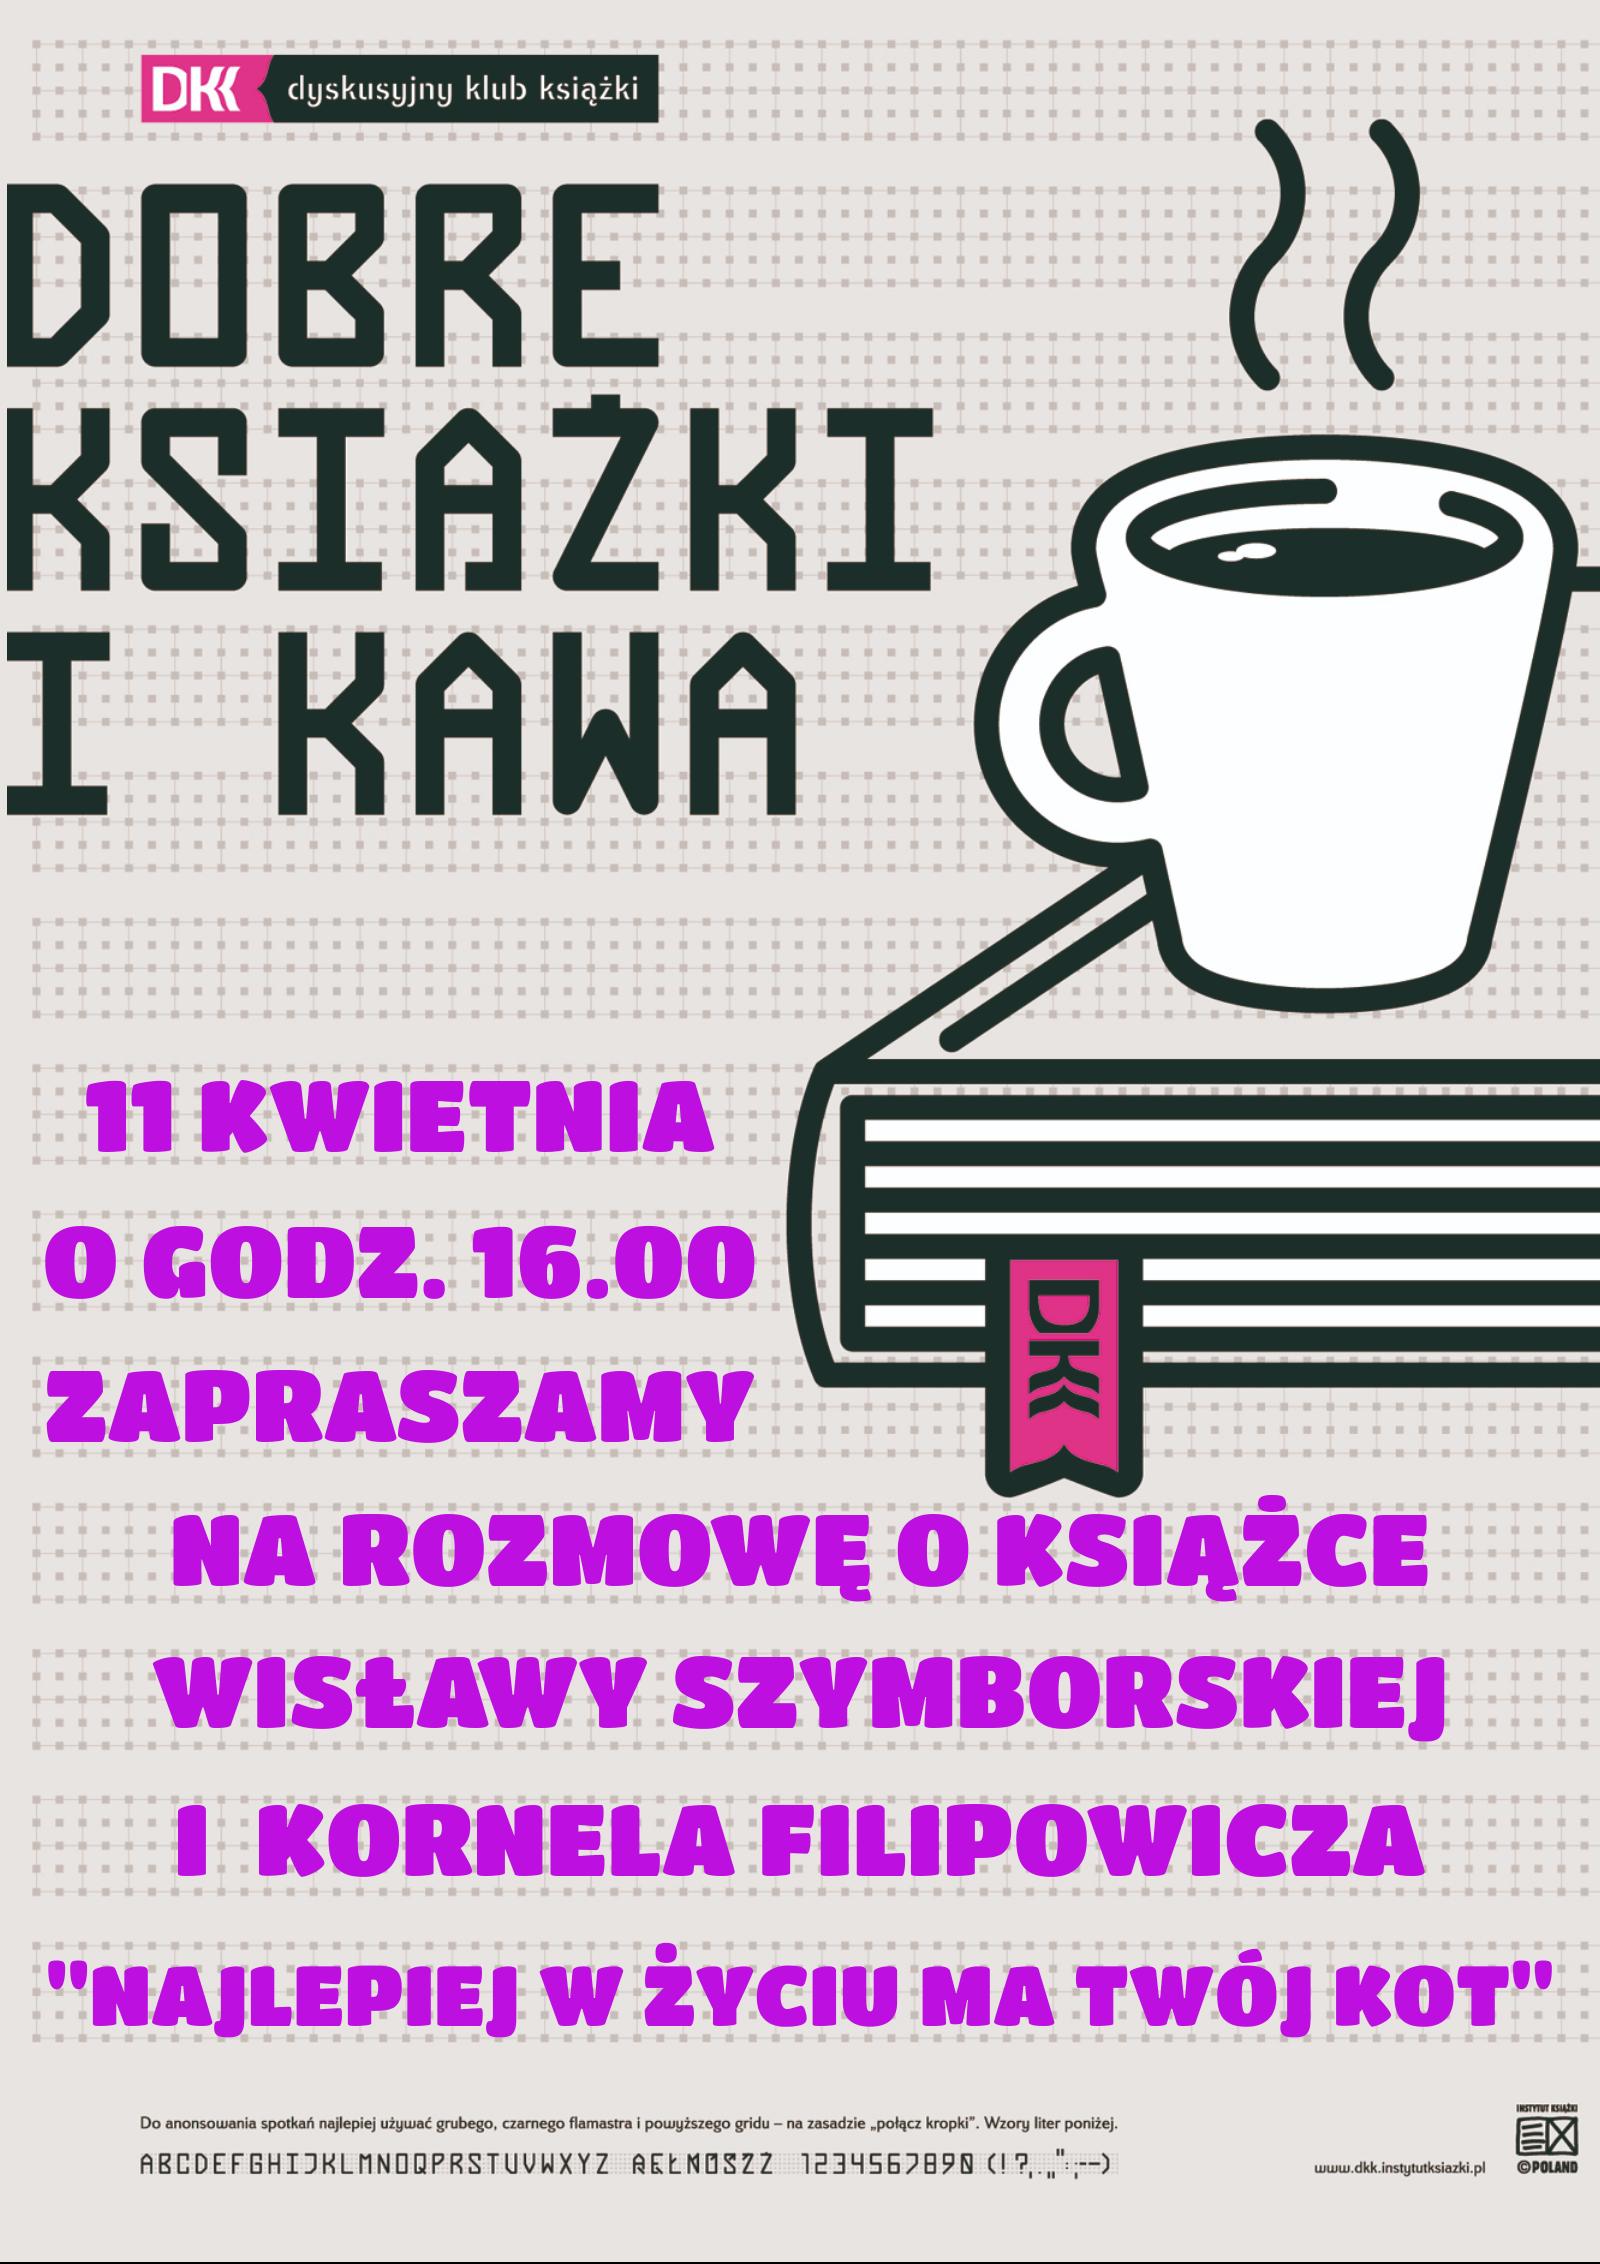 Plakat odnośnie lutowego spotkania Dyskusyjnego Klubu Książki